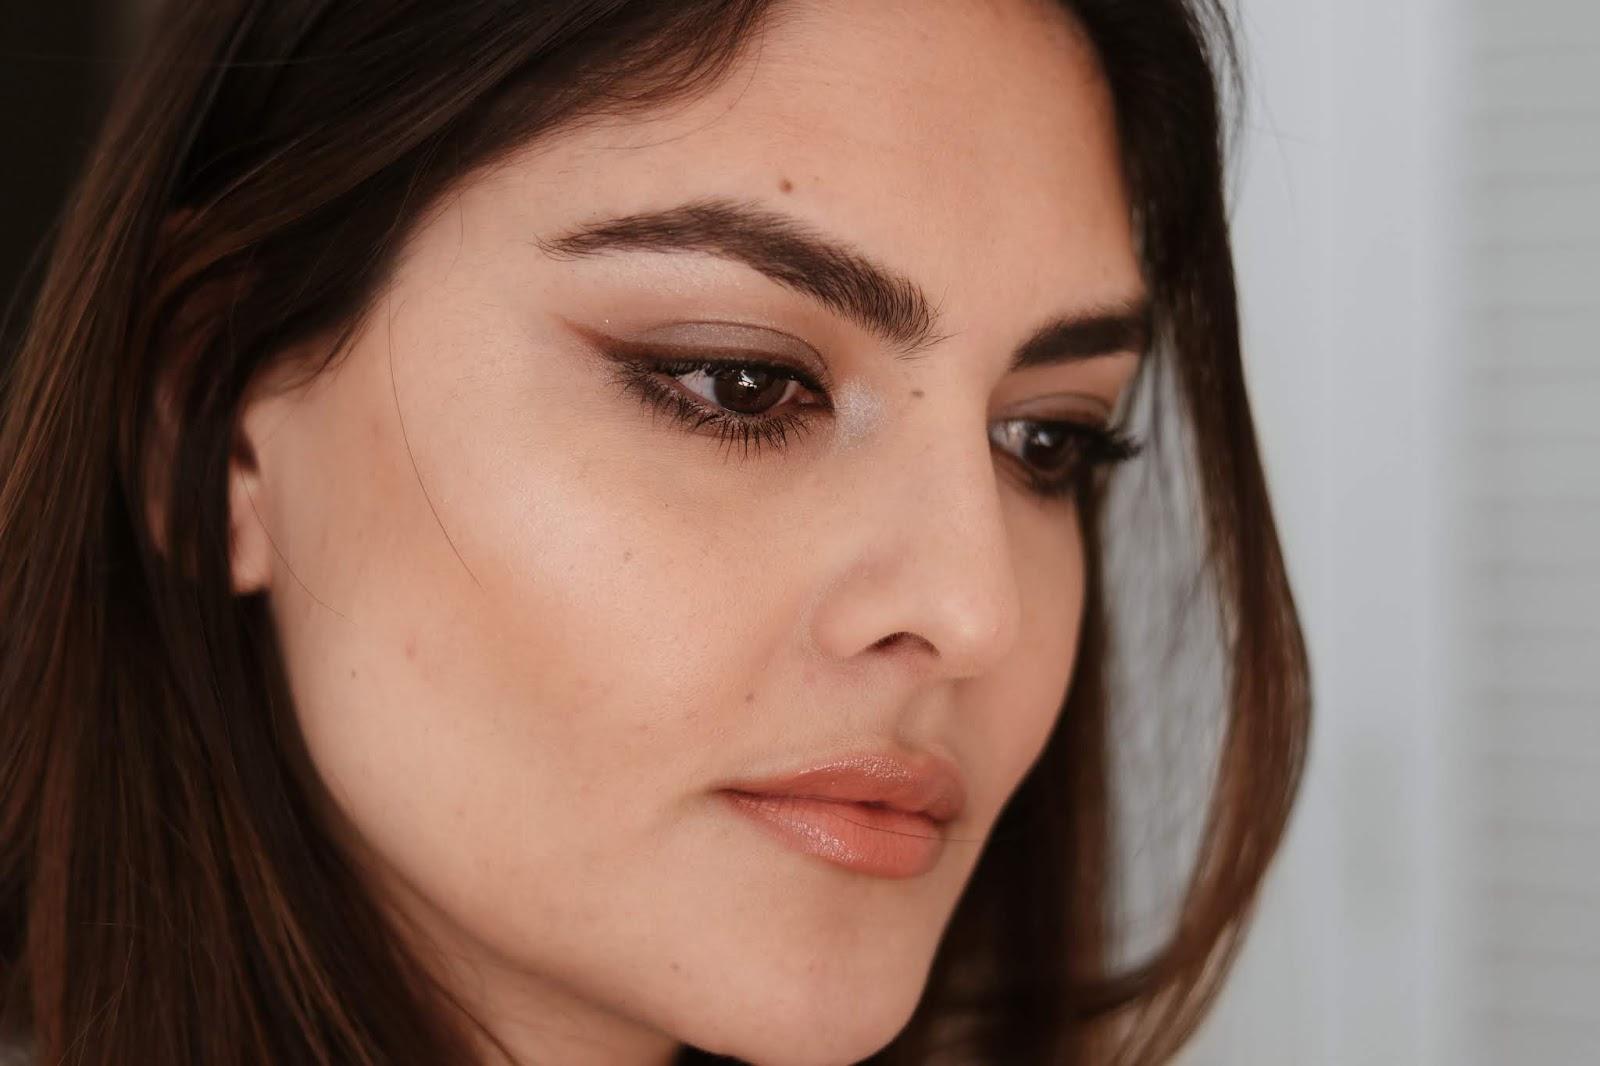 grwm everyday makeup dior backstage universal neutrals